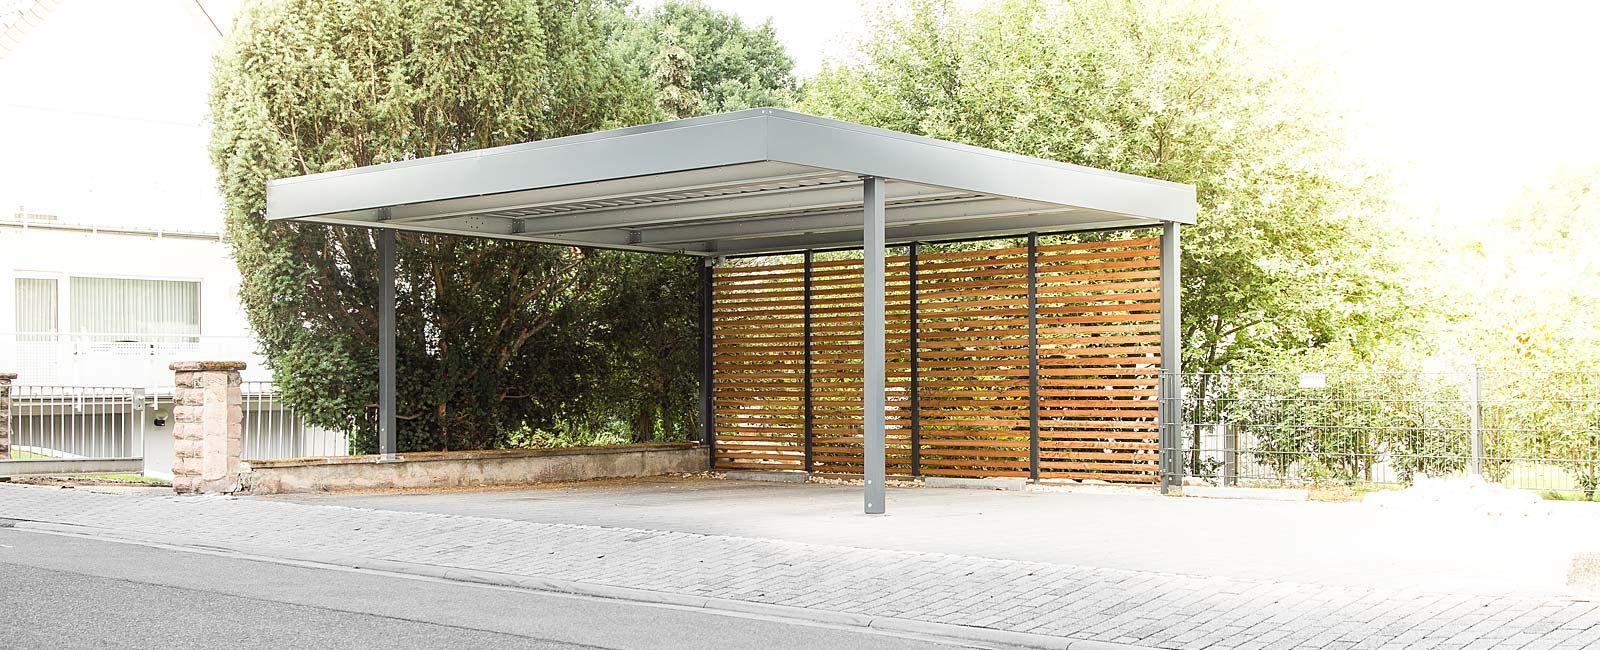 Carport Von Siebau Aus Stahl Carport übersicht Carport Design Und